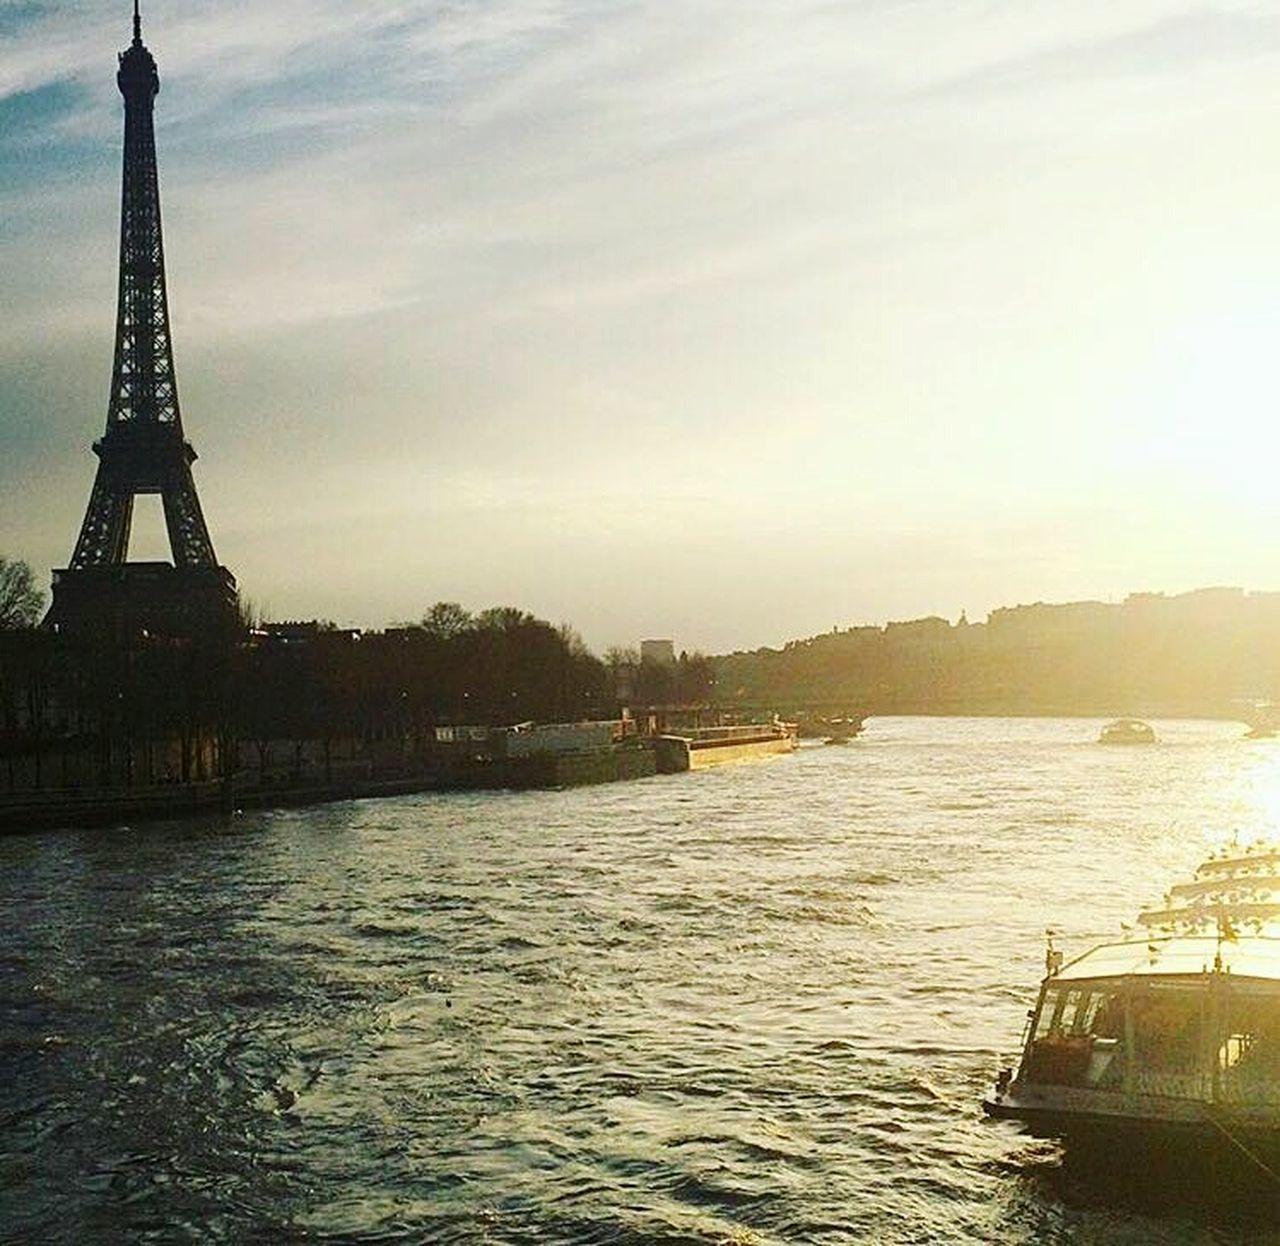 PARIS Europe Paris ❤ Paris, France  Paradise Parisweloveyou Parispics Parisjetaime Paris Je T Aime Paris.fr France 🇫🇷 France French Efilettower Efil_tower Battle Of The Cities